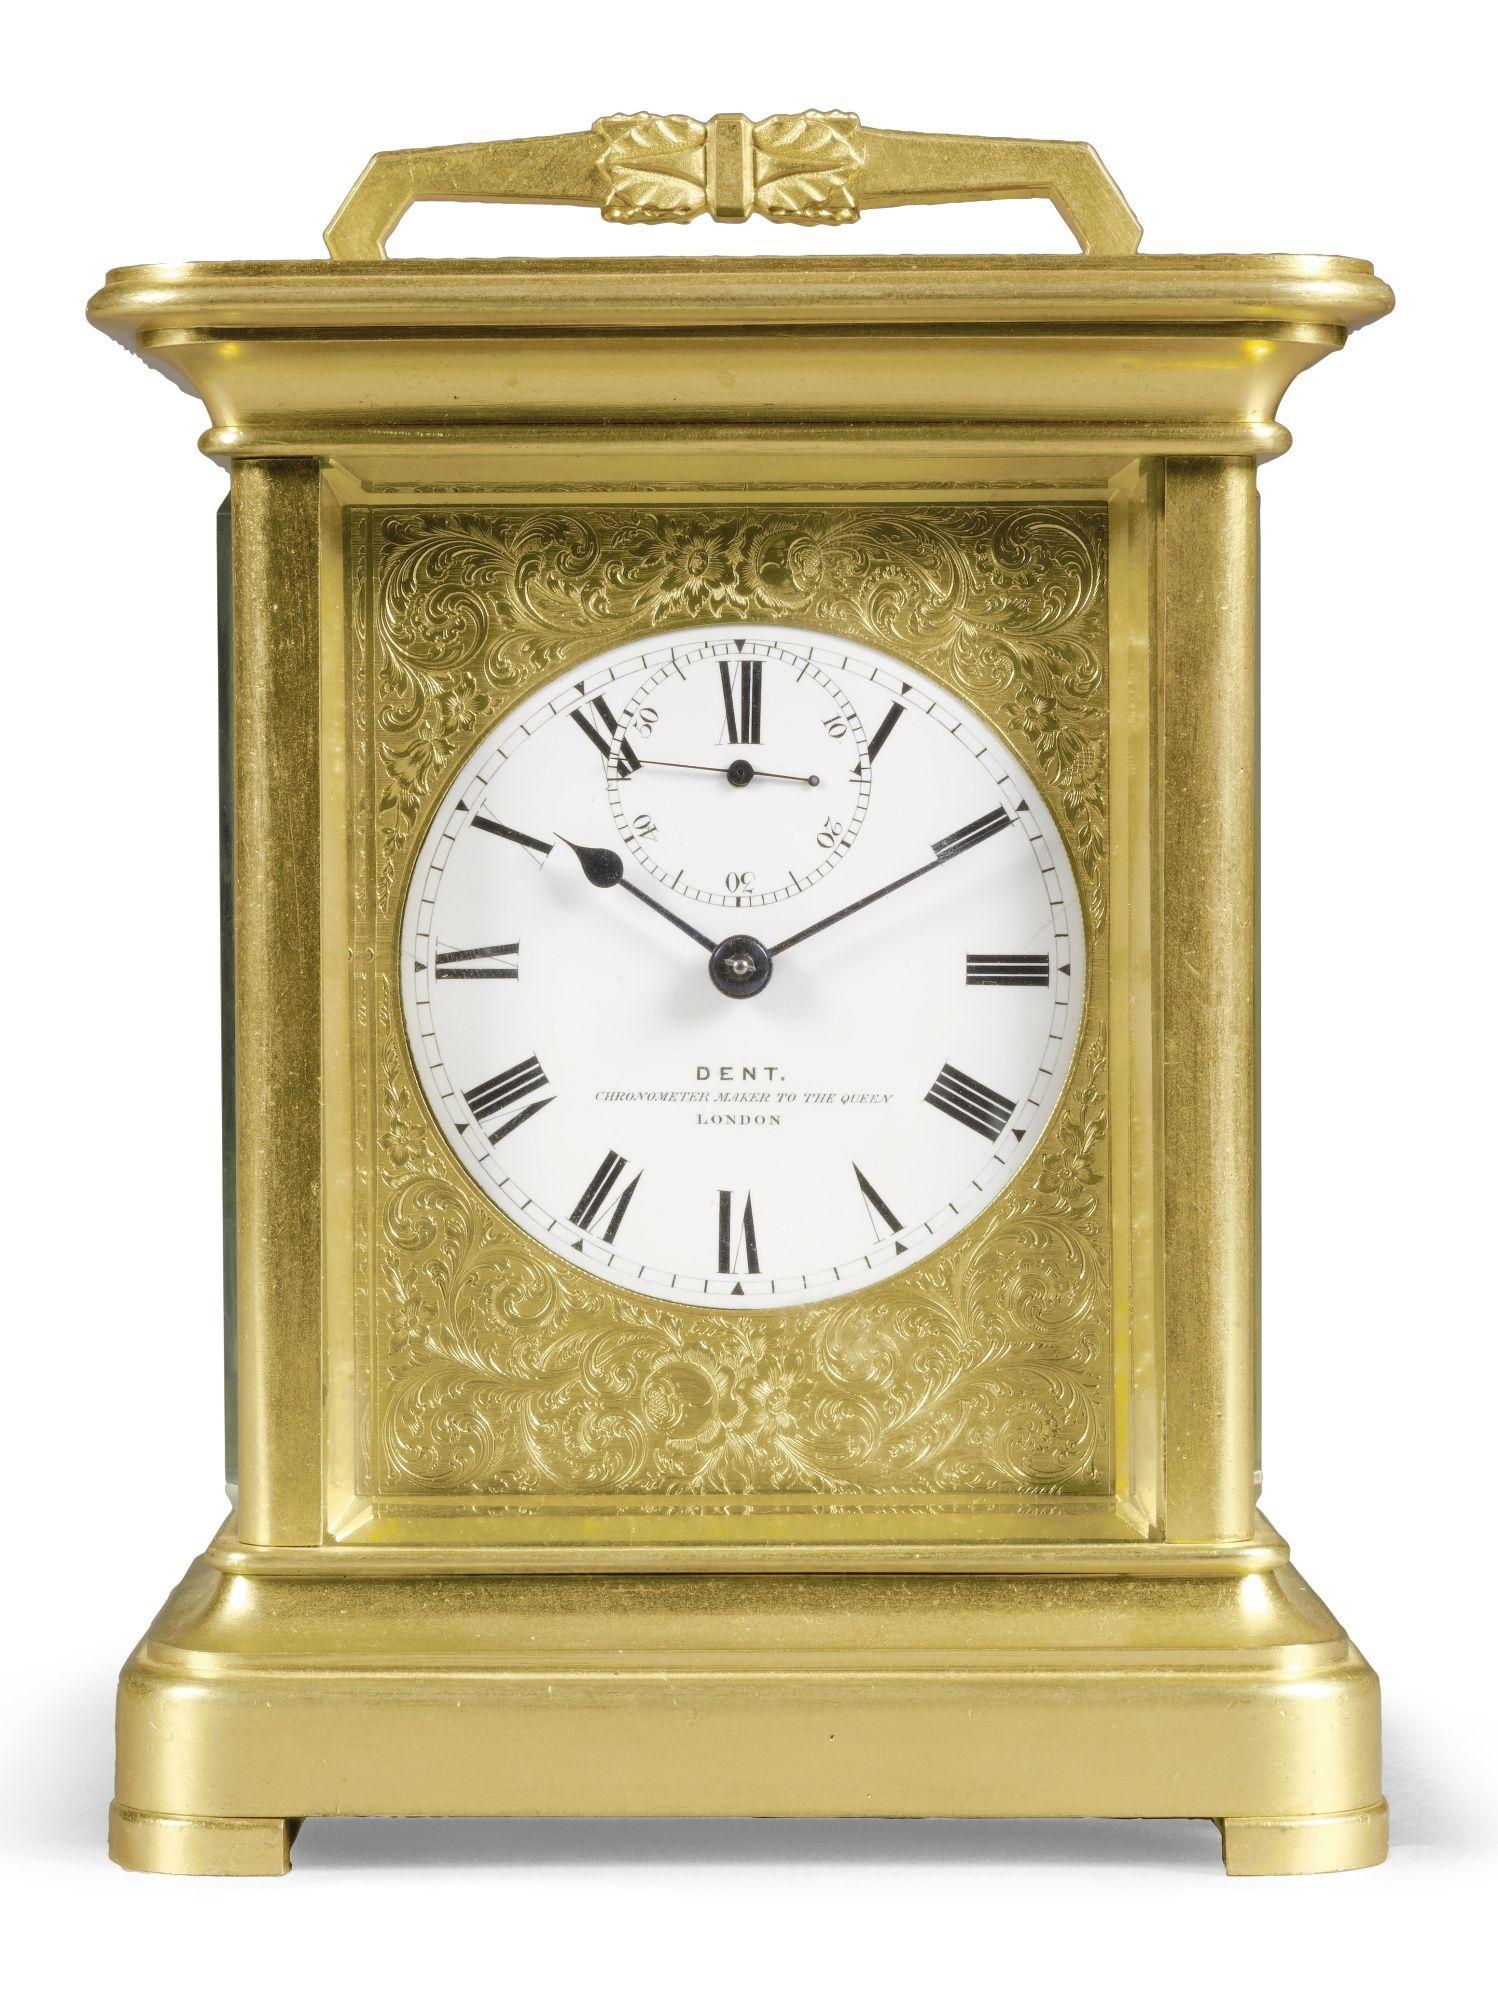 Dent No 692 A Gilt Brass Chronometer Carriage Timepiece With Staple Balance London Circa 185 Antique Wall Clocks Antique Pendulum Wall Clock Carriage Clocks